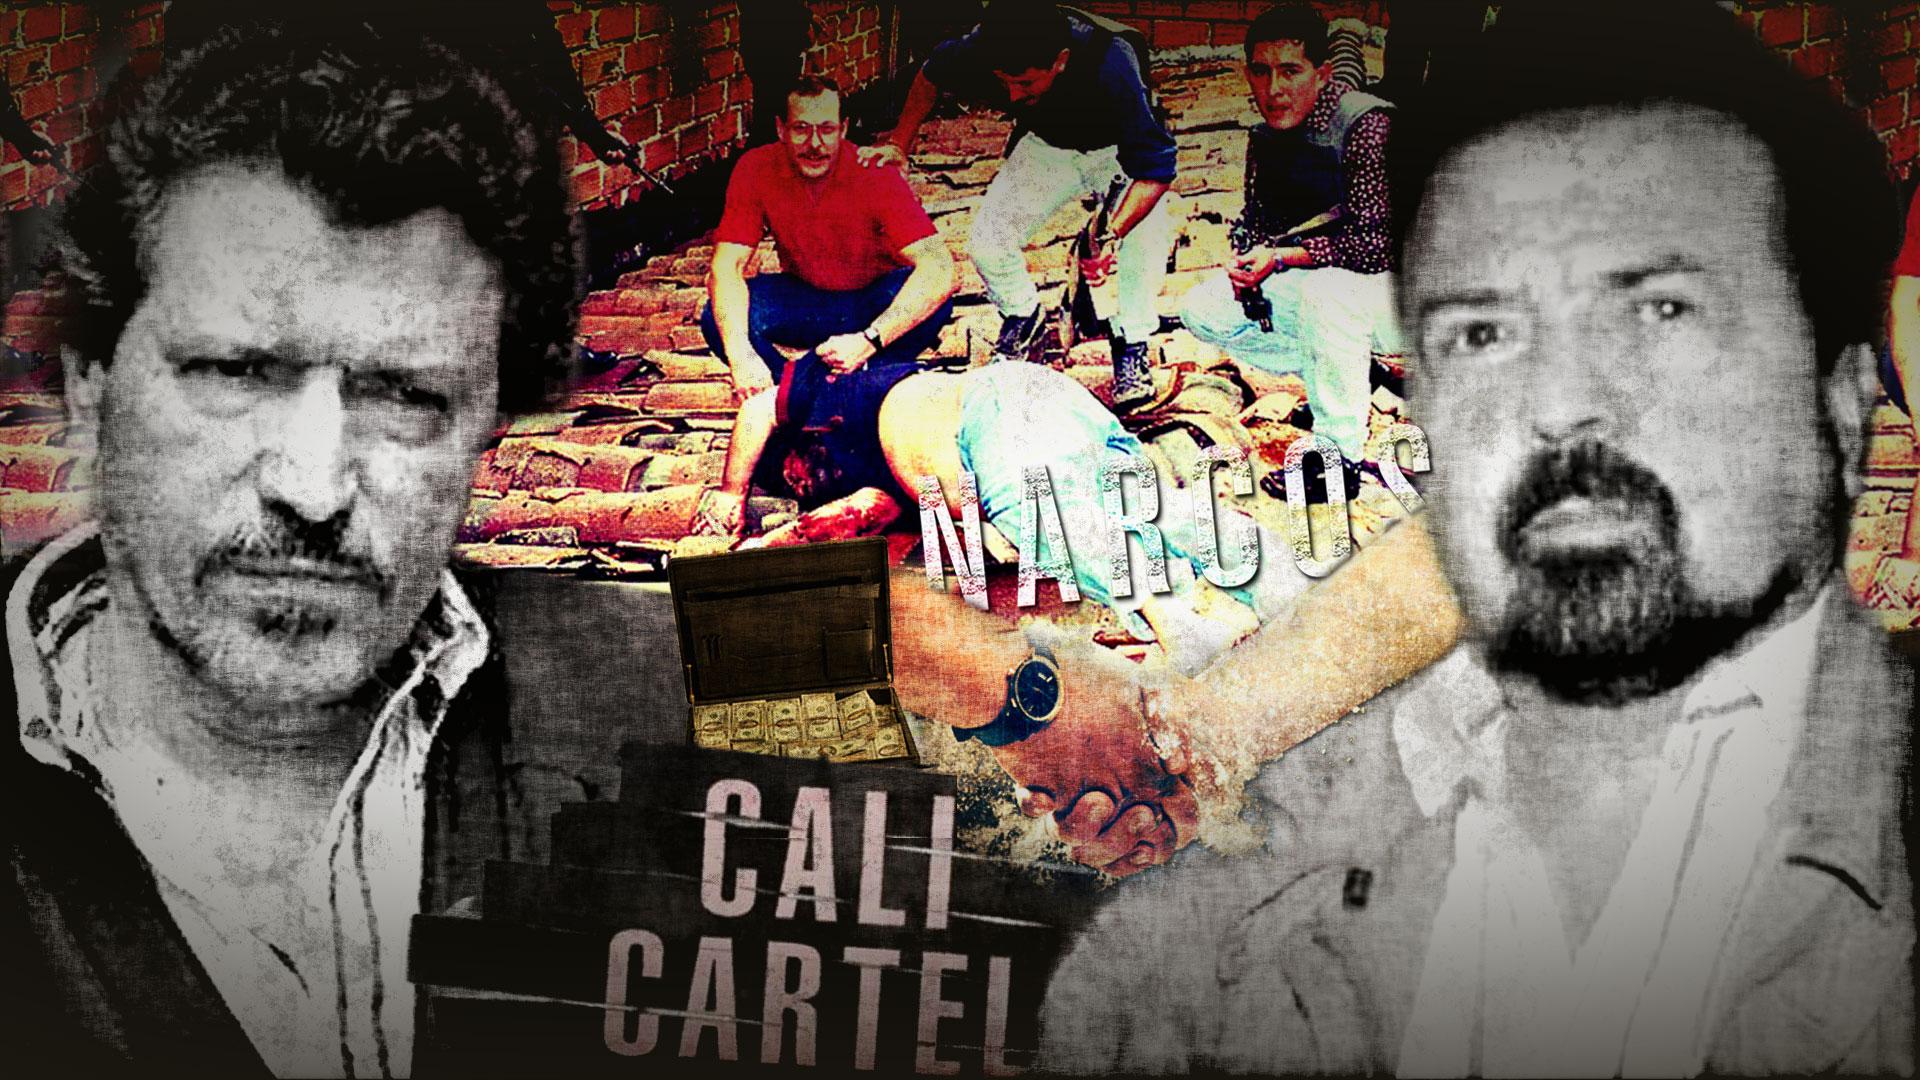 Miguel y Gilberto Rodríguez Orejuela, los hermanos jefes del Cártel de Cali. Los enemigos de Pablo Escobar serán los próximos protagonistas de la tercera temporada de Narcos, de Netflix